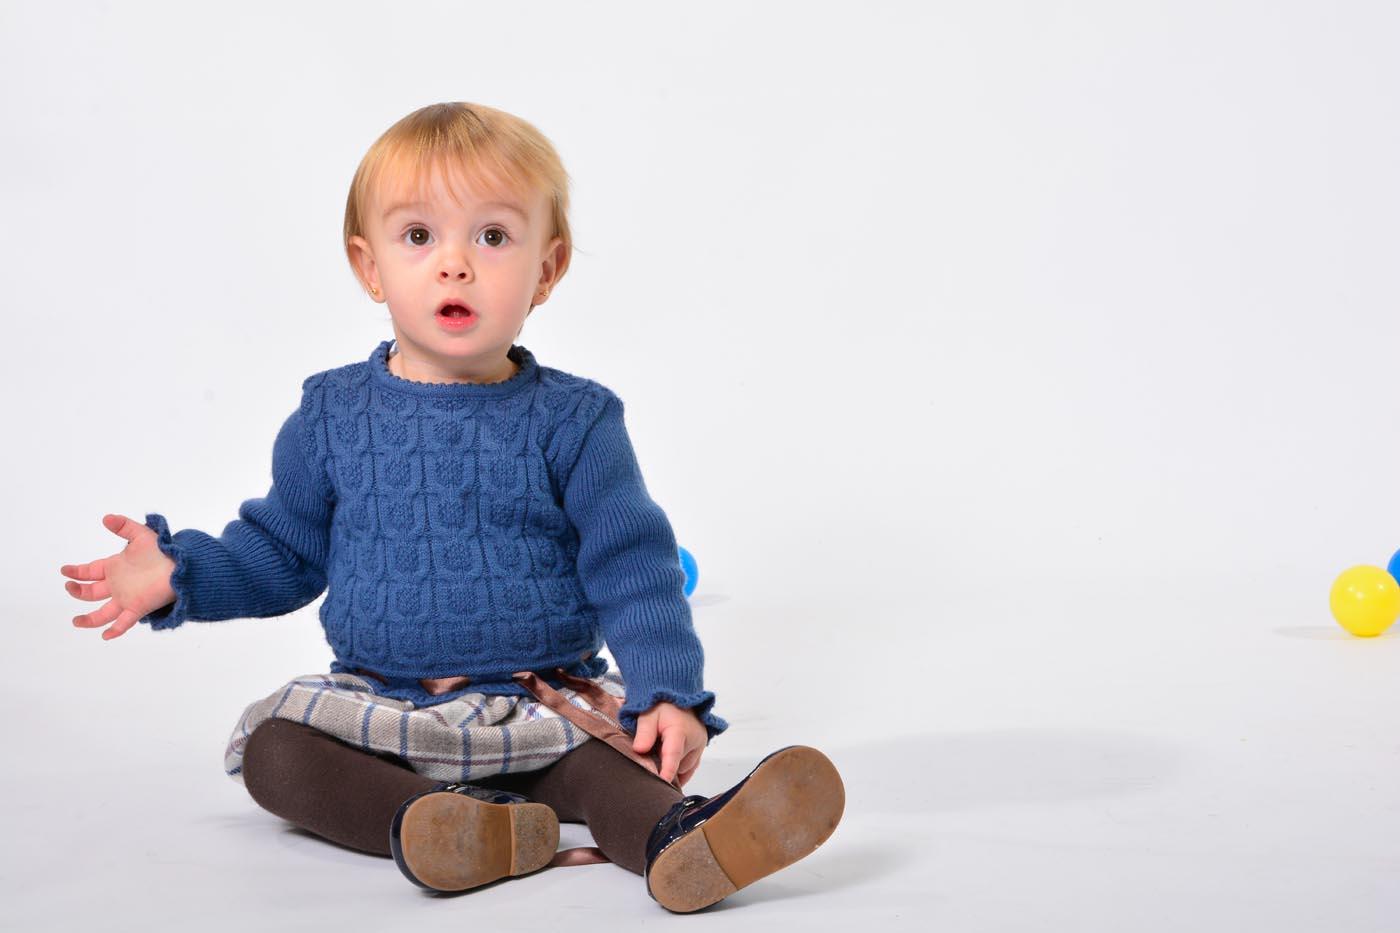 kidsfoto.es Reportaje fotográfico de familia